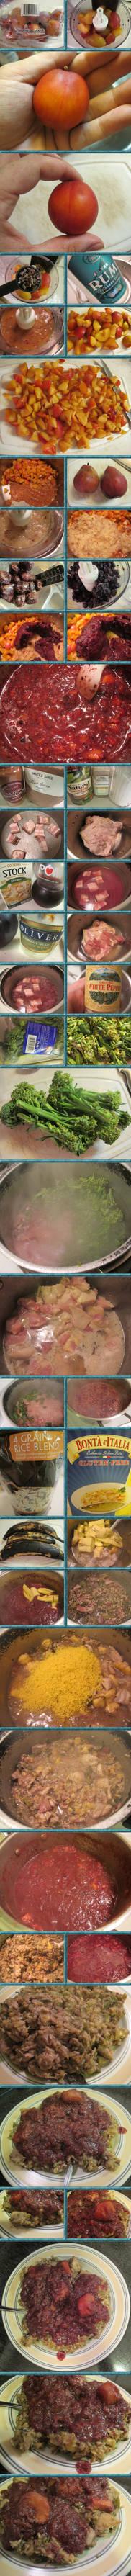 Cherry-Plum Criminara and Chicken-Broccolette Rice